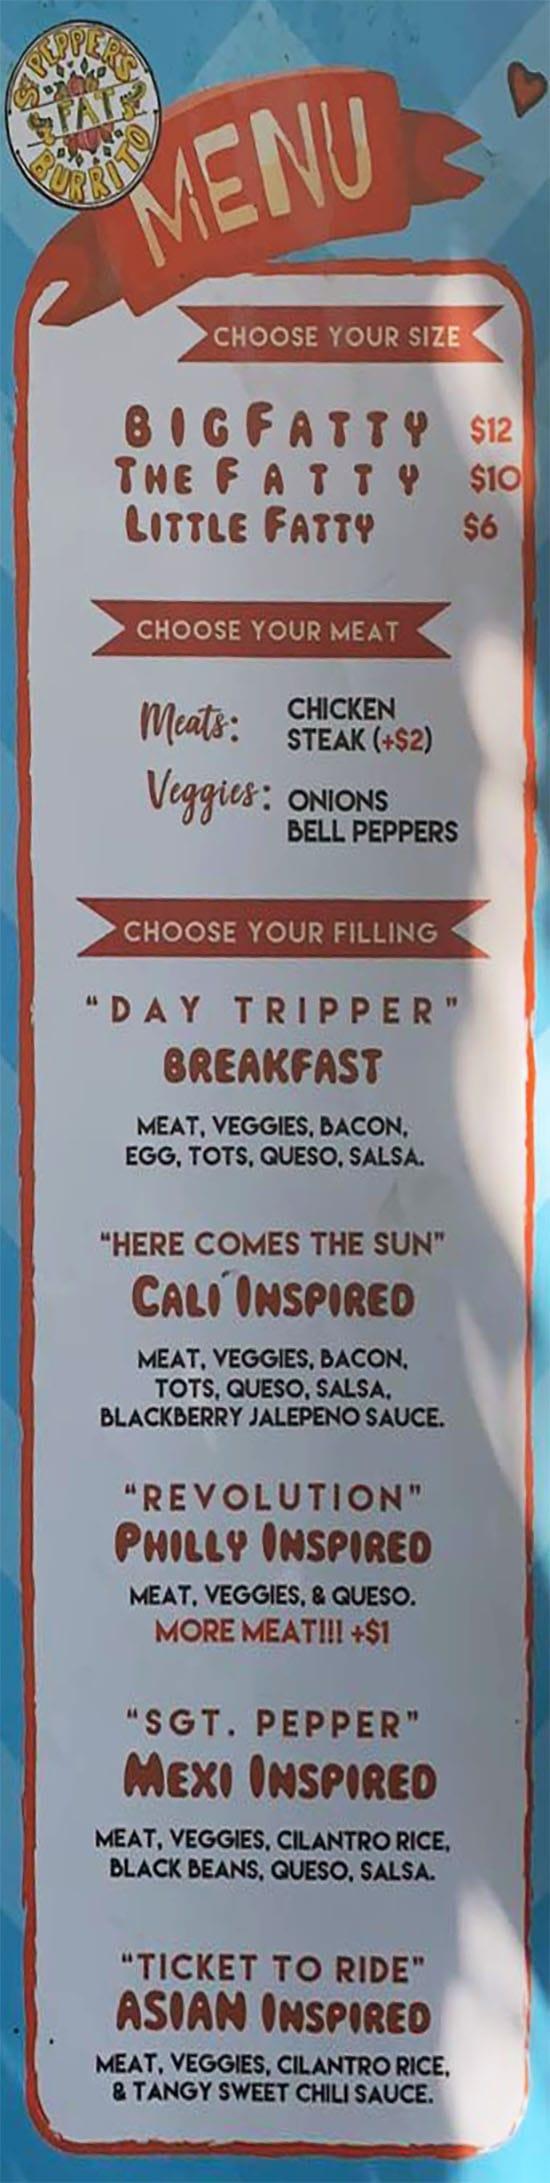 Sgt. Pepper's FAT Burrito food truck menu - size, meat, filling